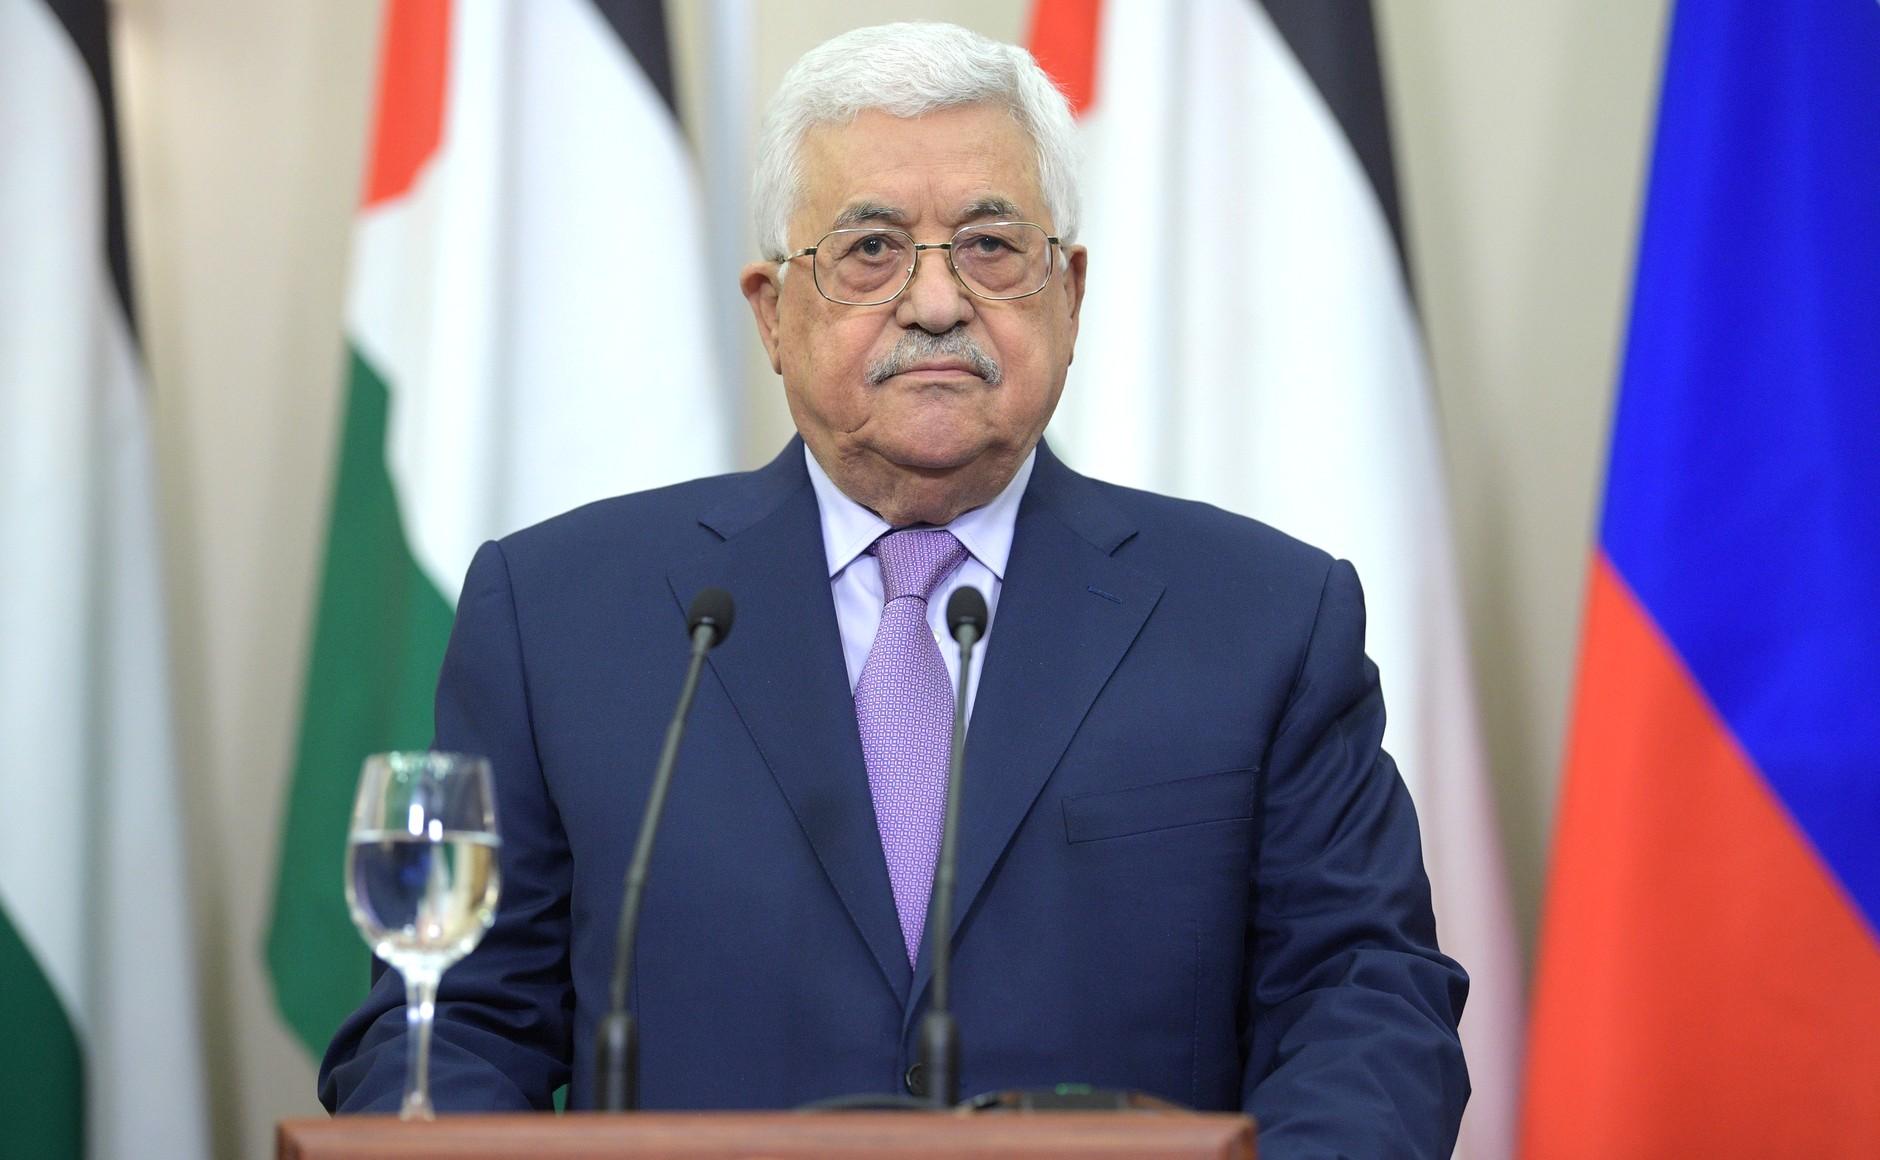 El Consejo Central de la OLP decidió suspender el reconocimiento de Israel